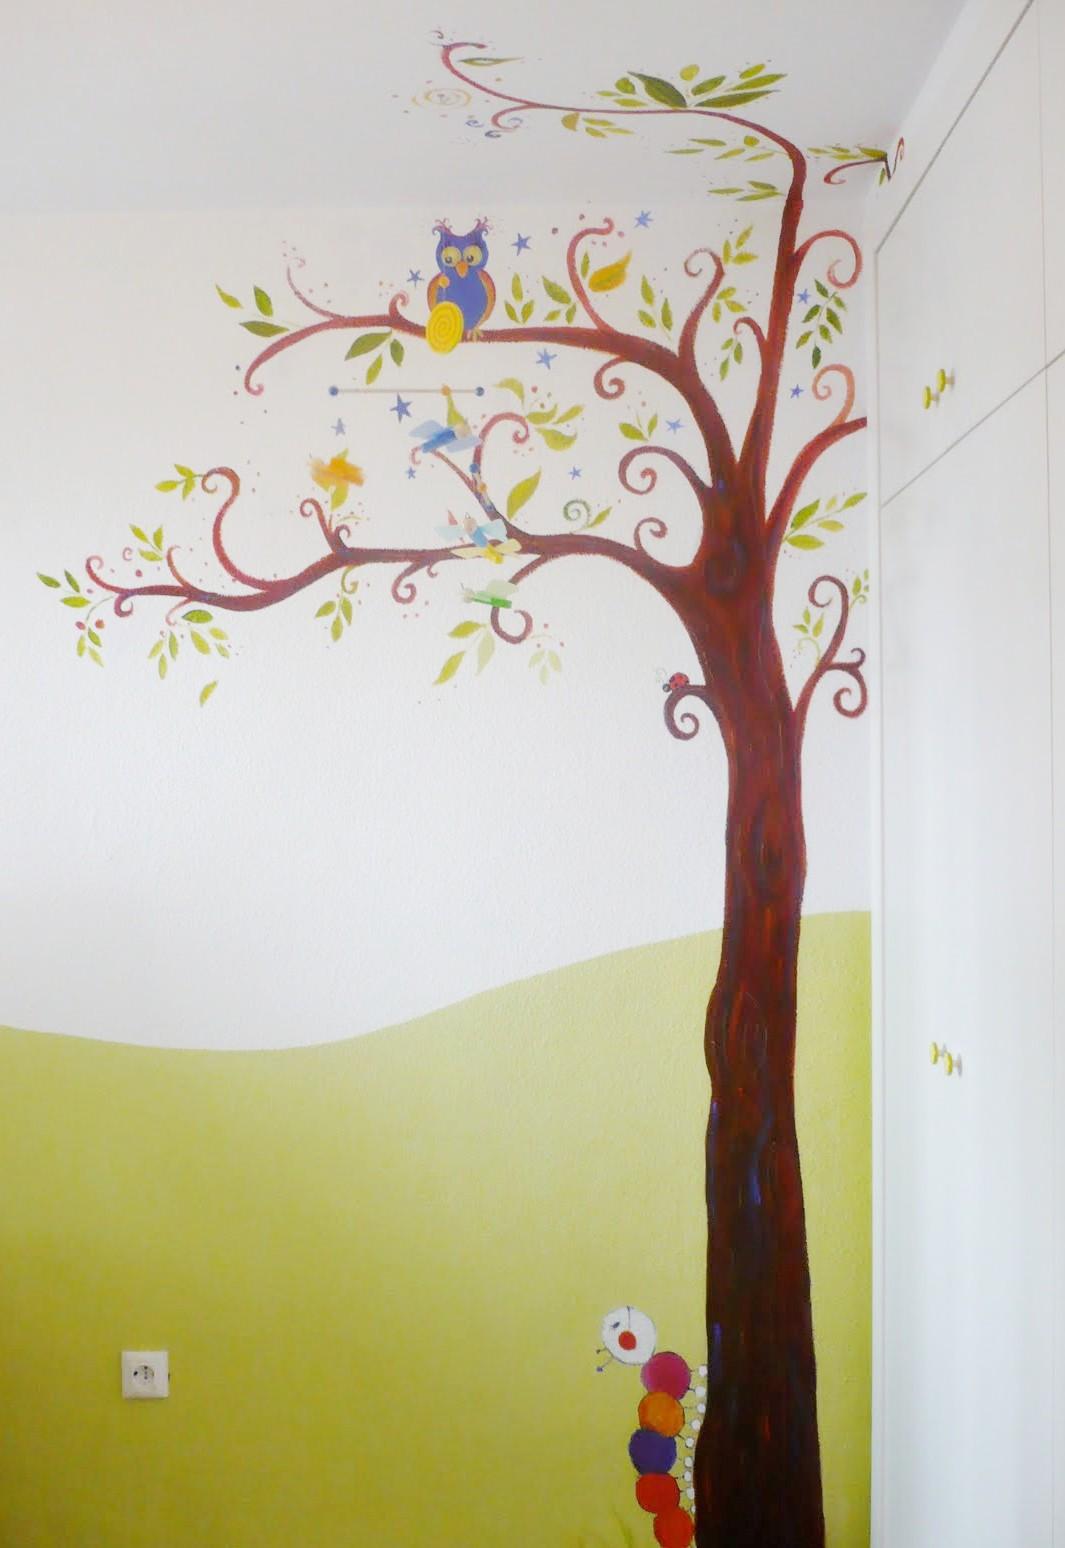 Muxugorri blog habitaciones infantiles decorar con murales - Habitaciones pintadas infantiles ...